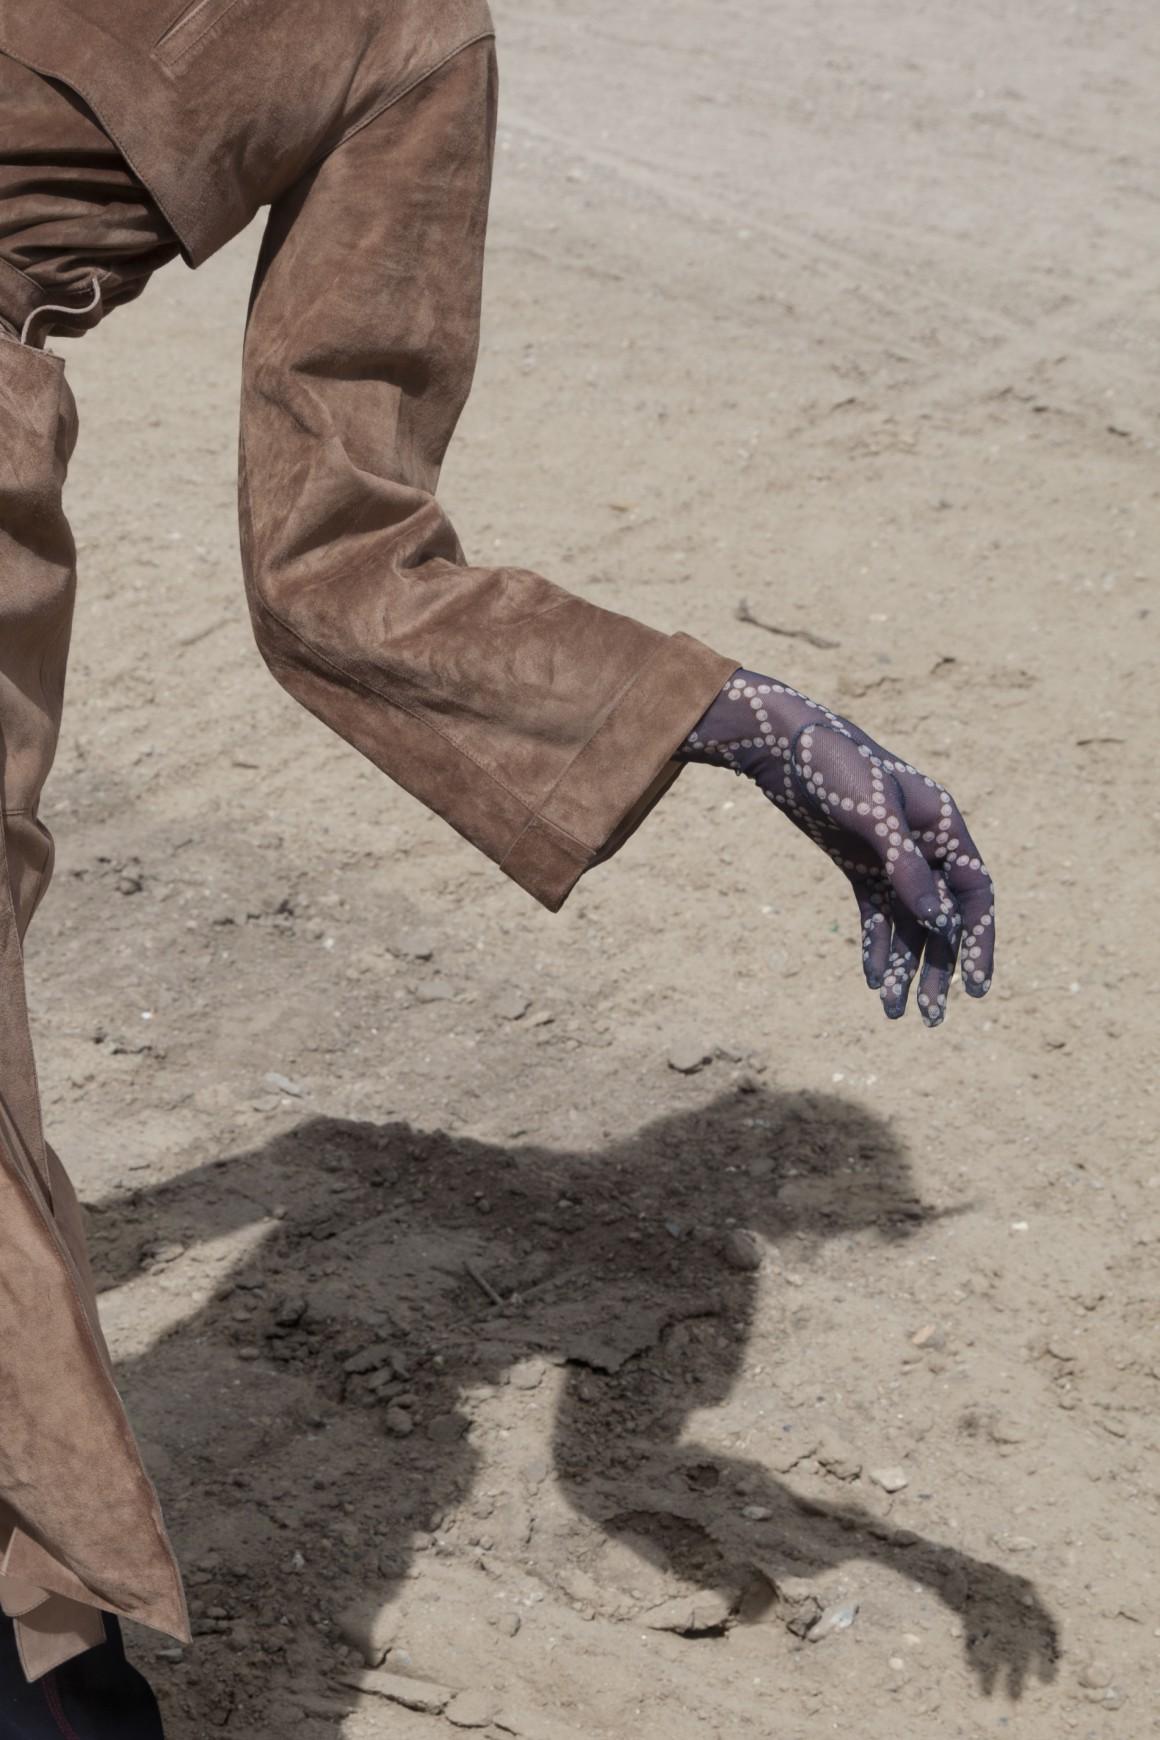 Tom_Blesch_Hungry_Gloves